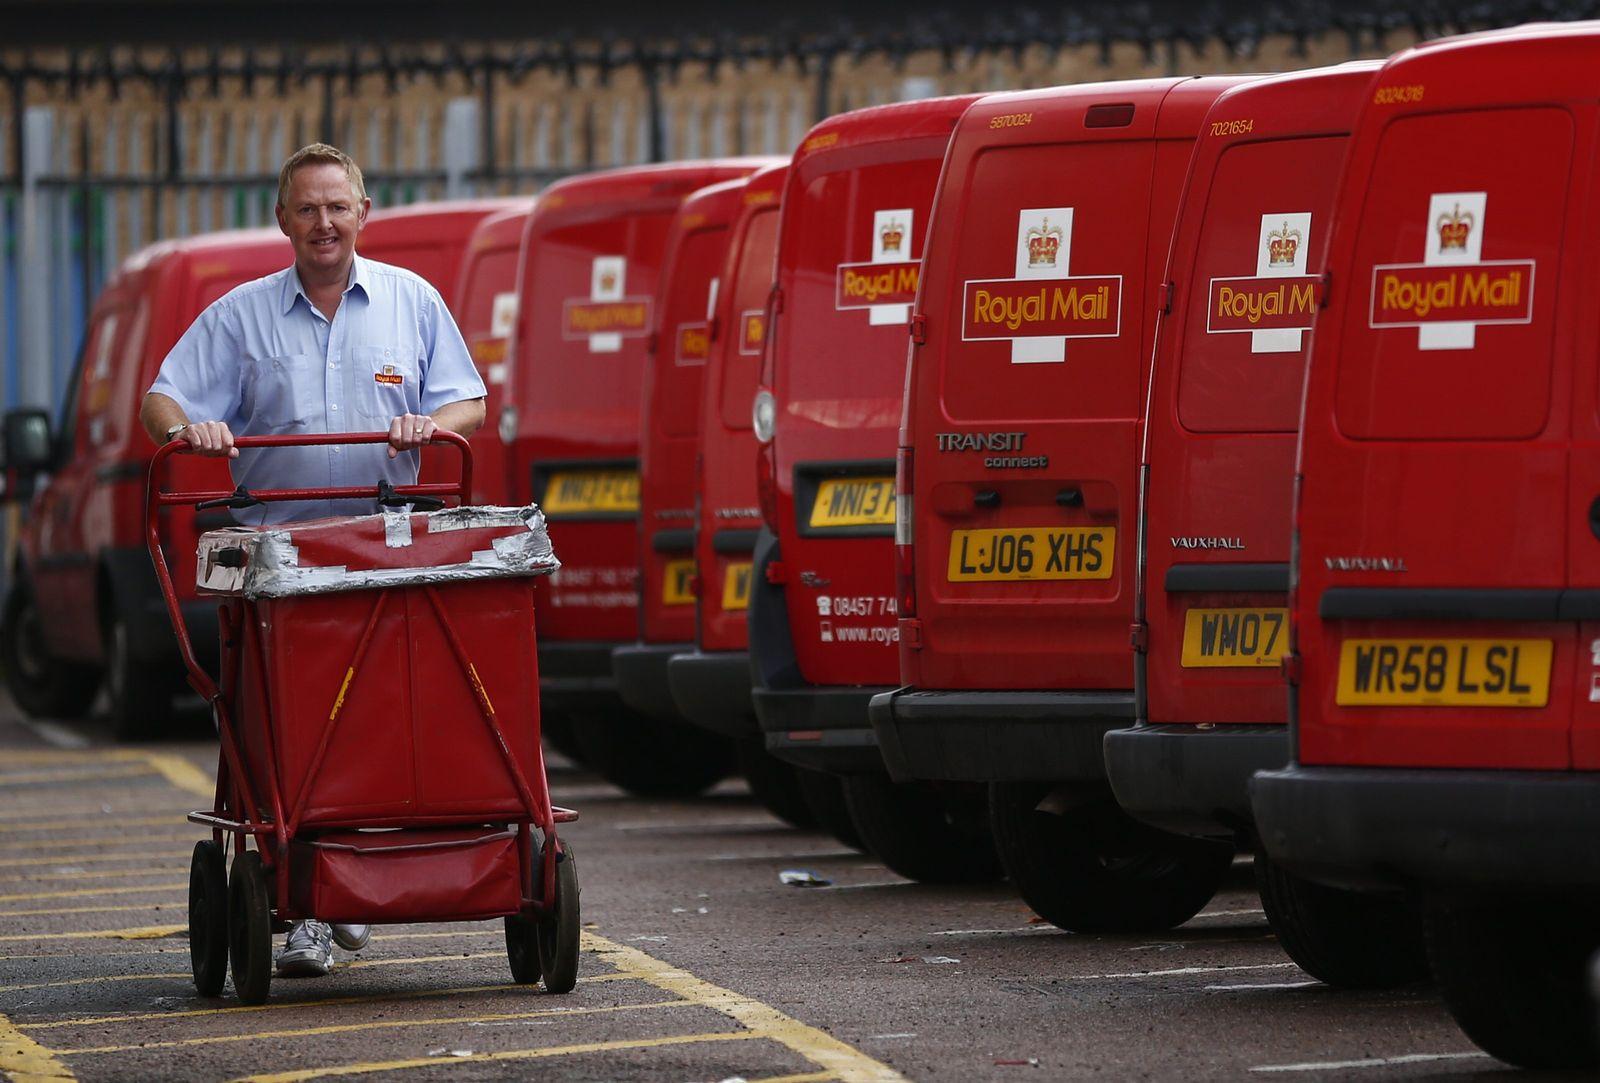 Großbritannien Royal Mail Post Privatisierung